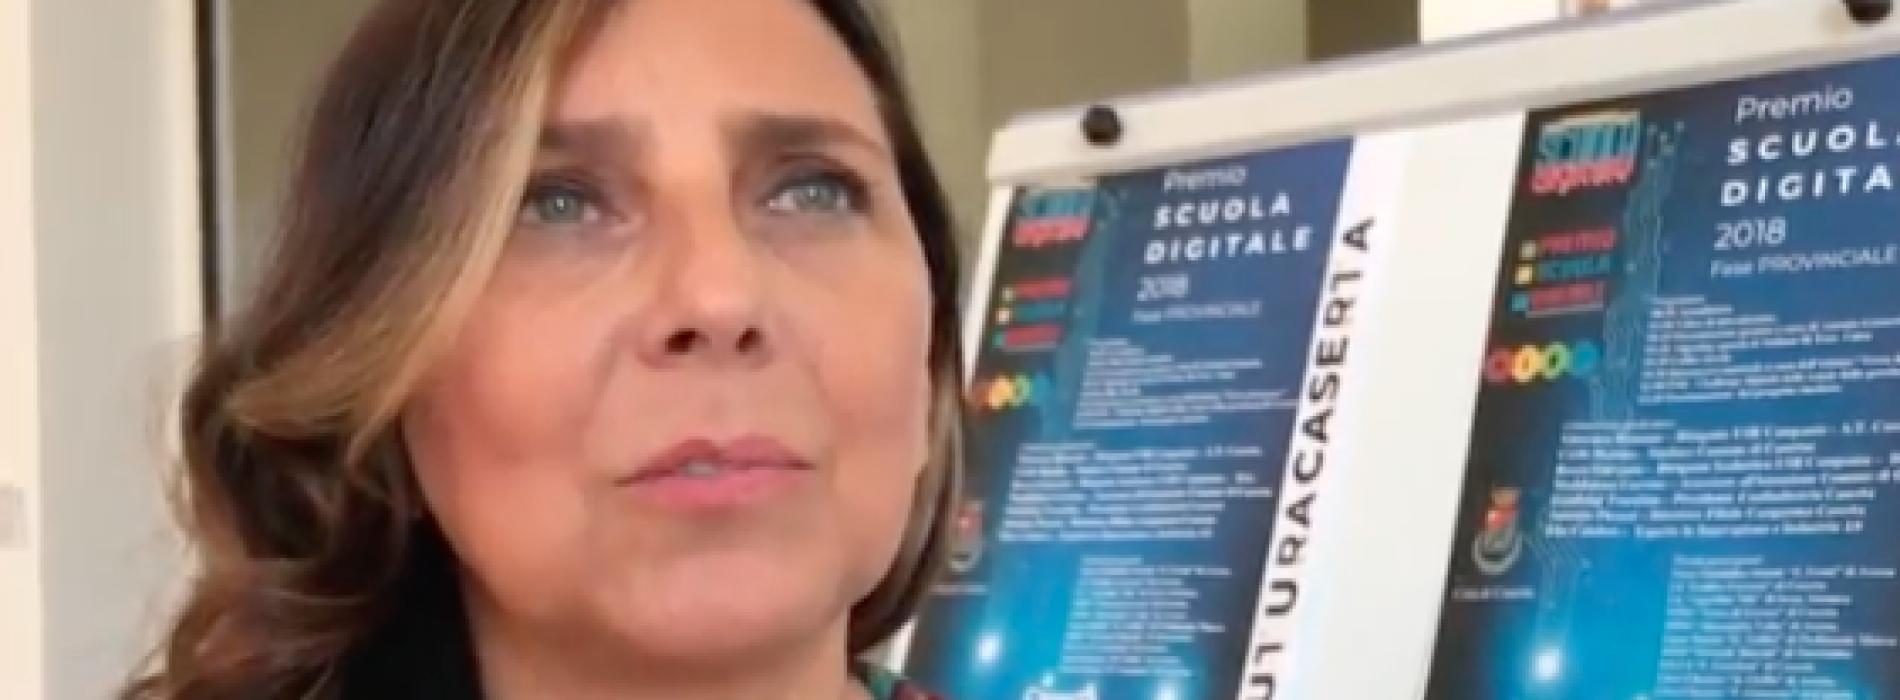 Premio Scuola Digitale. Antonella Serpico, Giordani Caserta